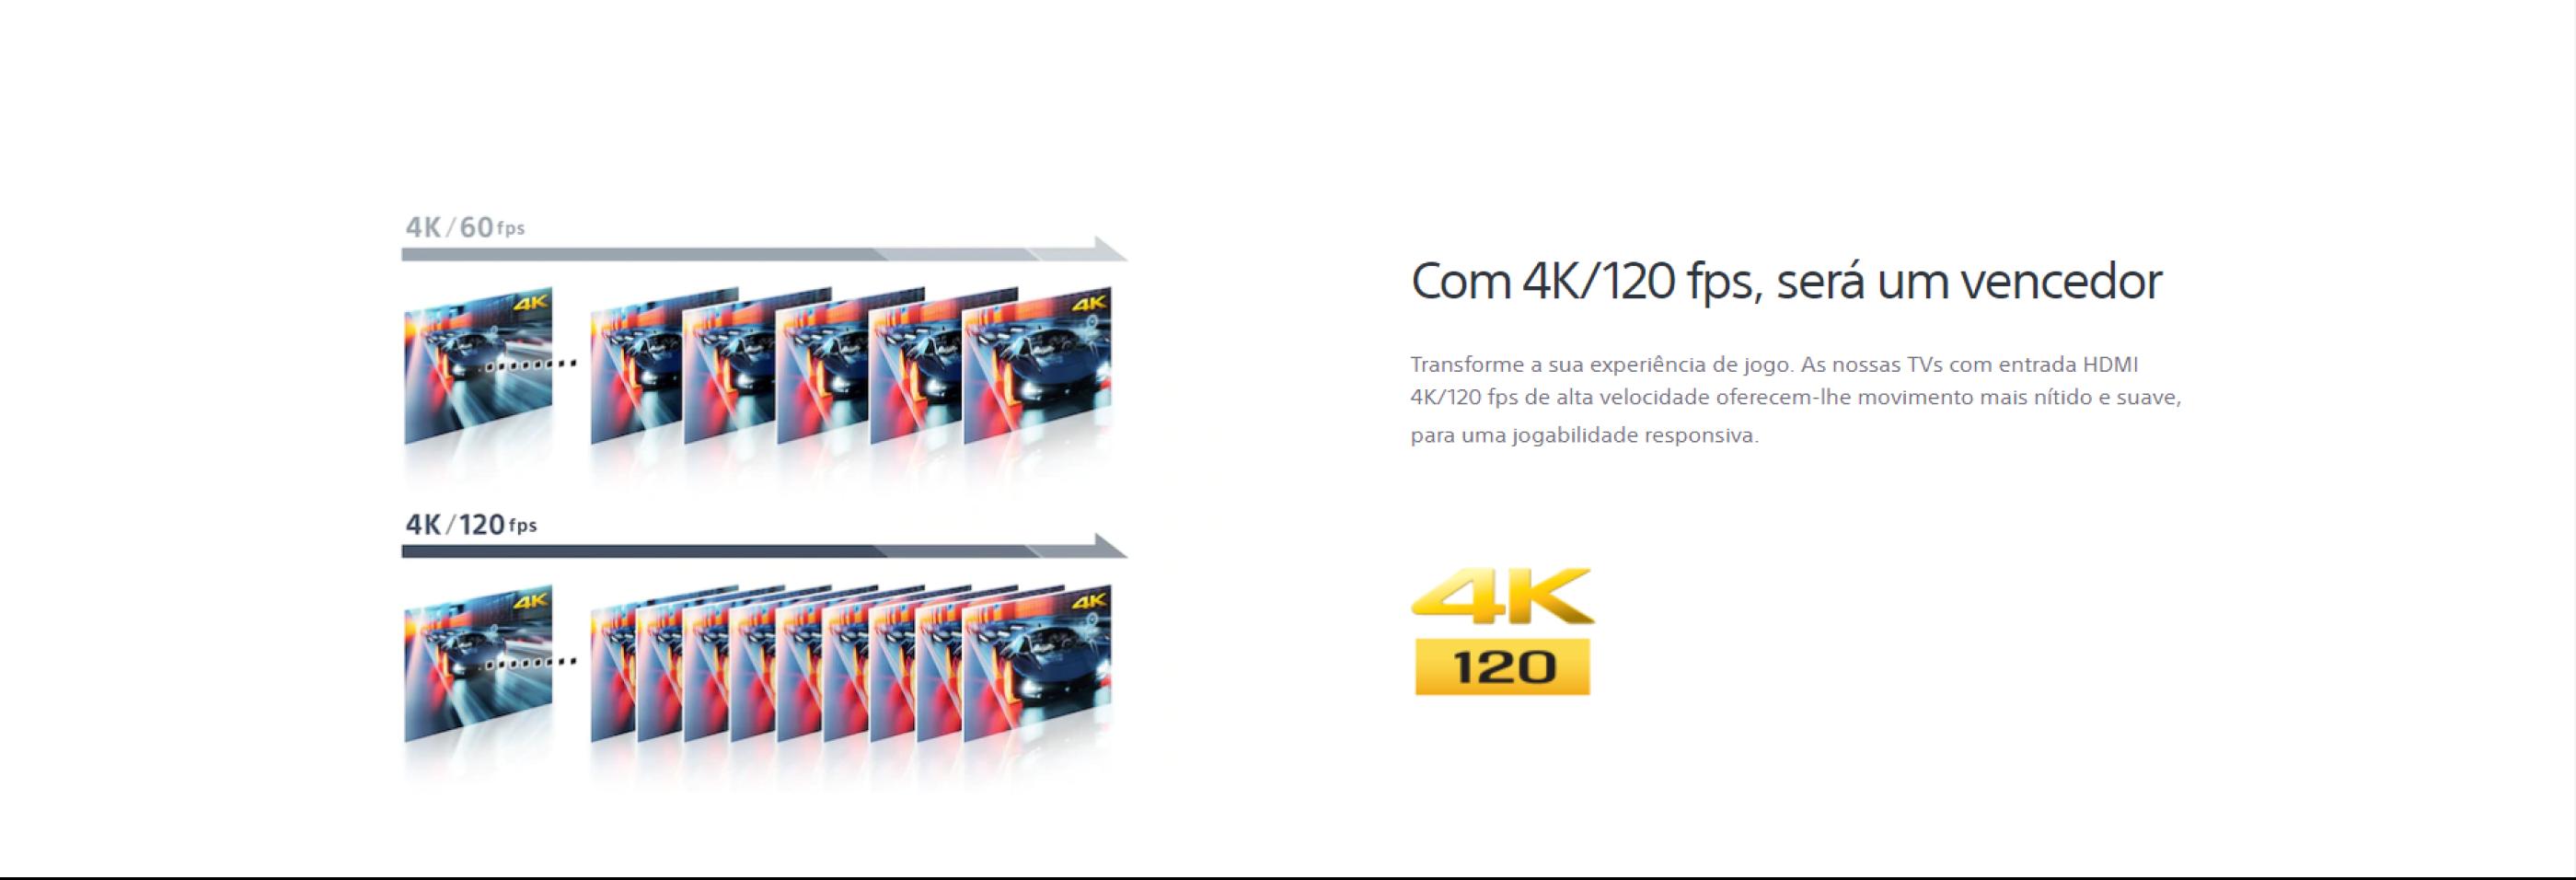 Com 4K/120 fps será um vencedor